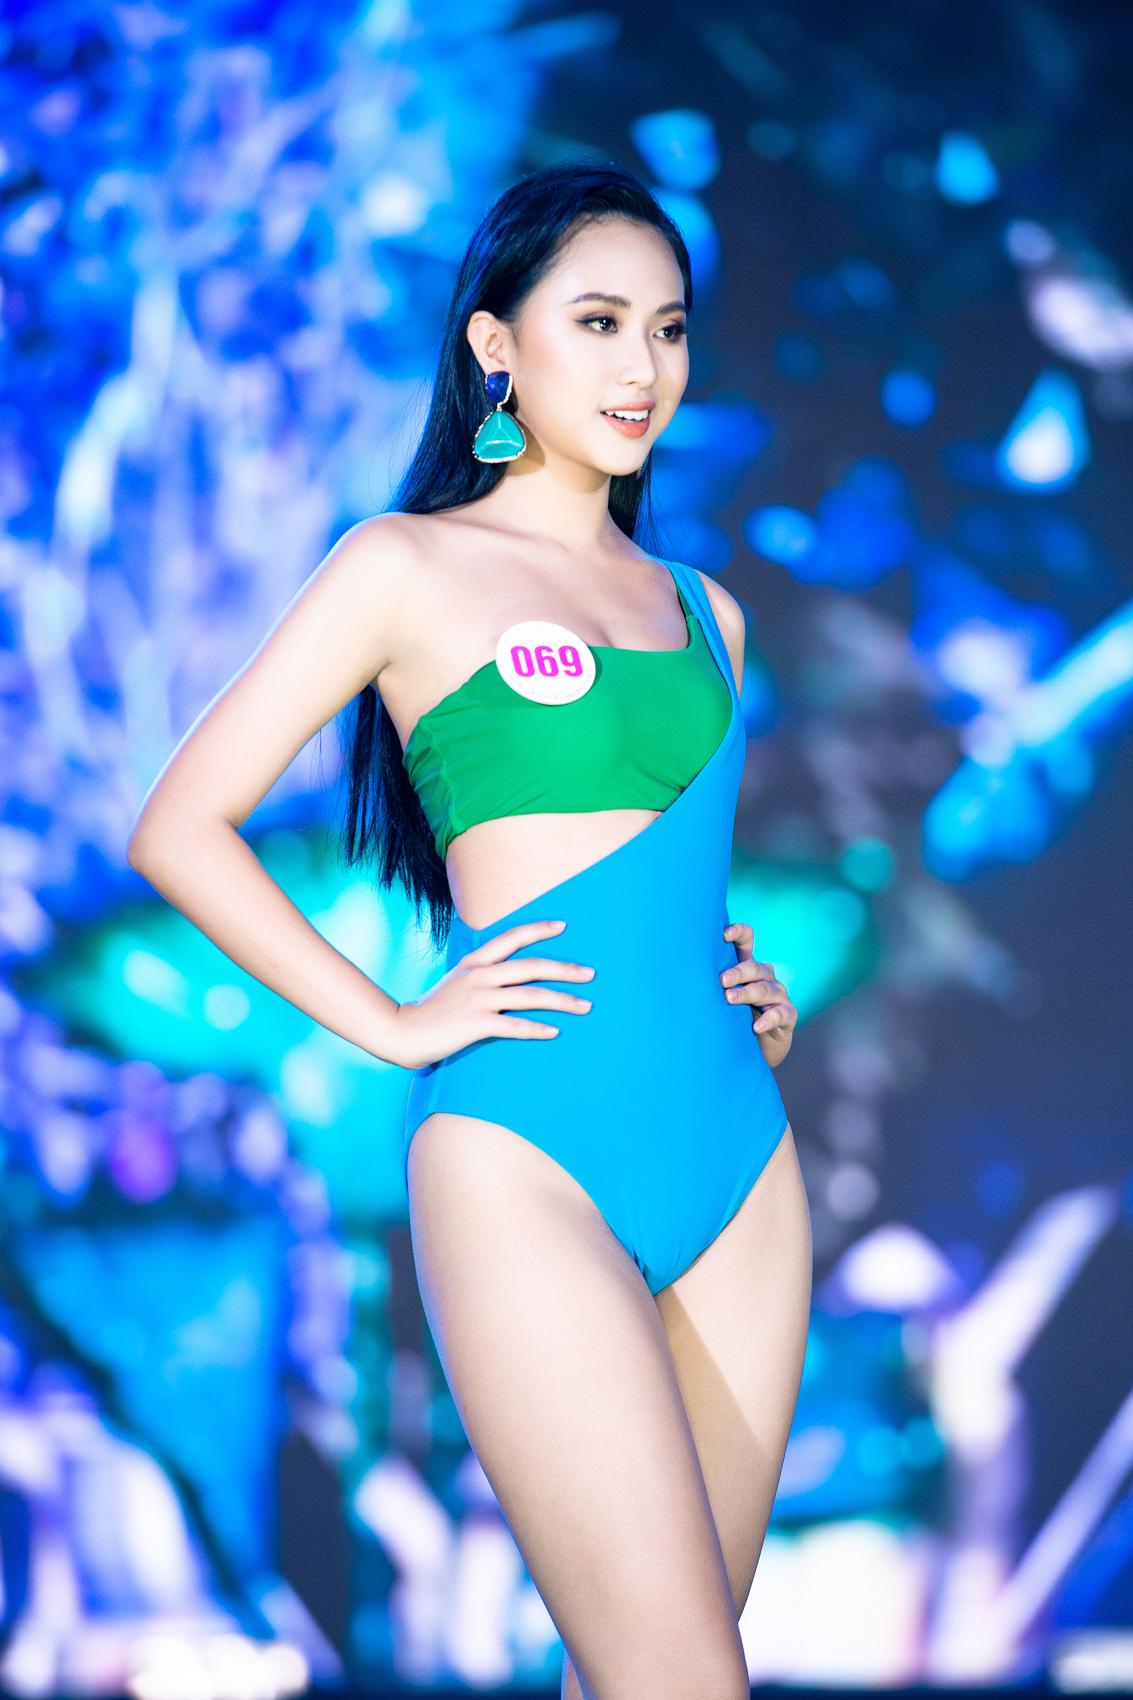 """Top 40 mặc bikini quyến rũ """"bỏng rẫy"""" gây """"sốt"""" tại Bán kết Hoa hậu Việt Nam 2020  - Ảnh 6."""